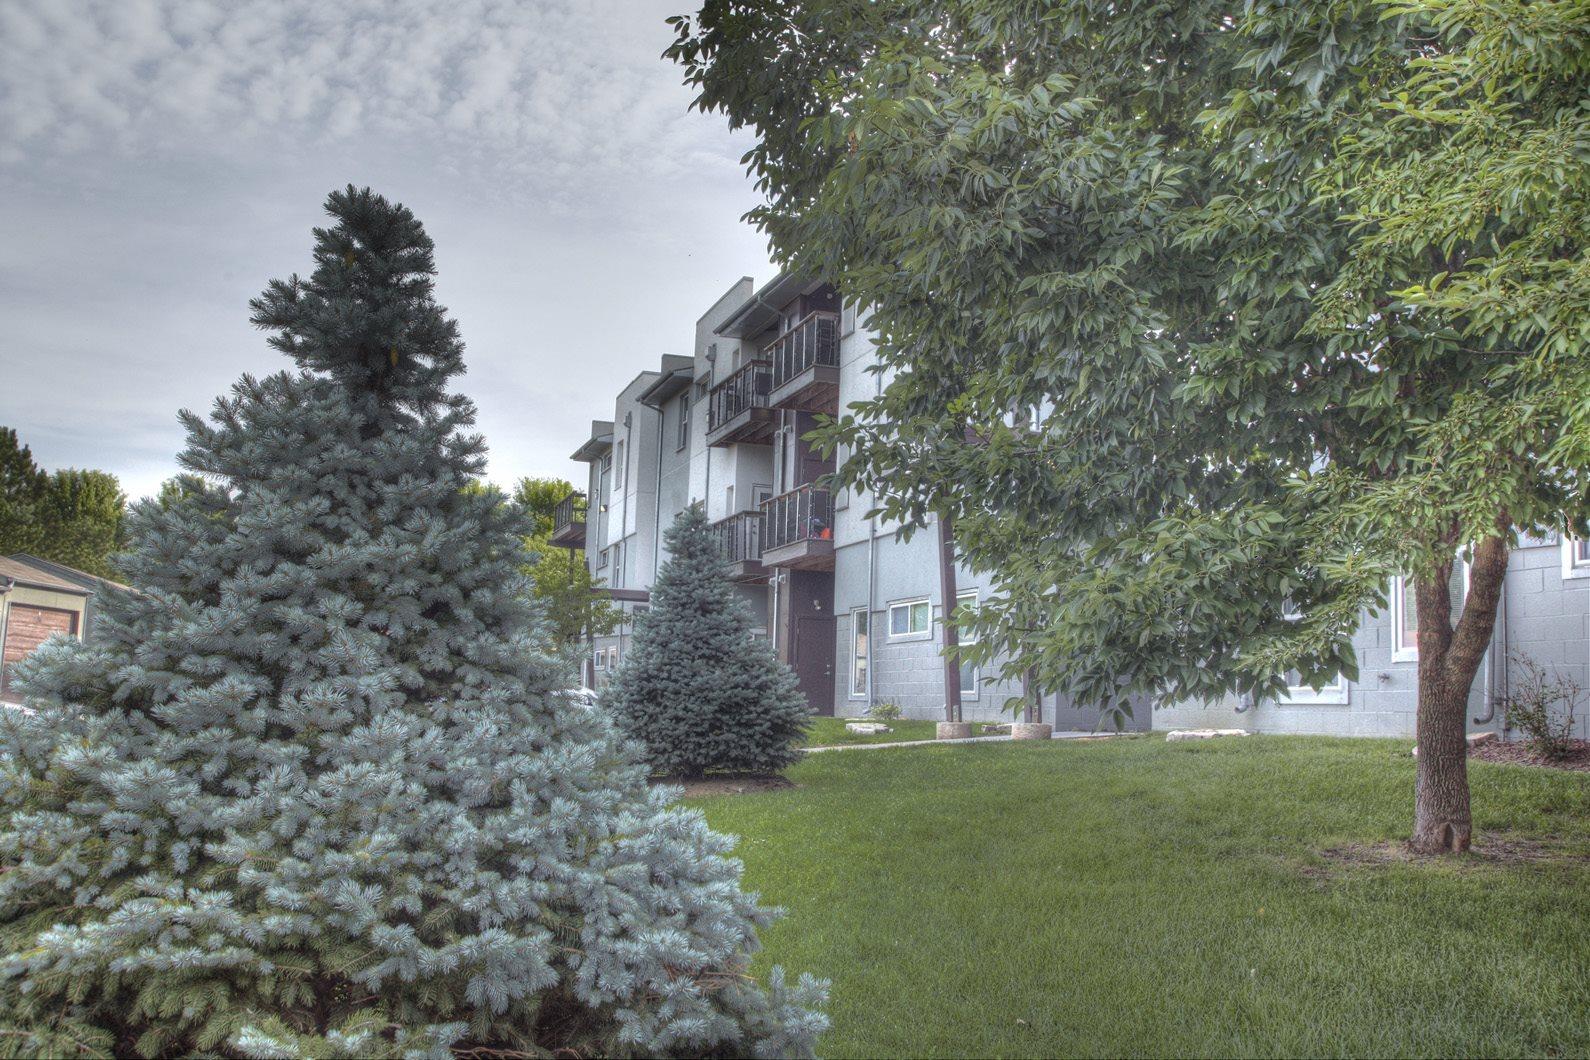 Briar Hills image 8